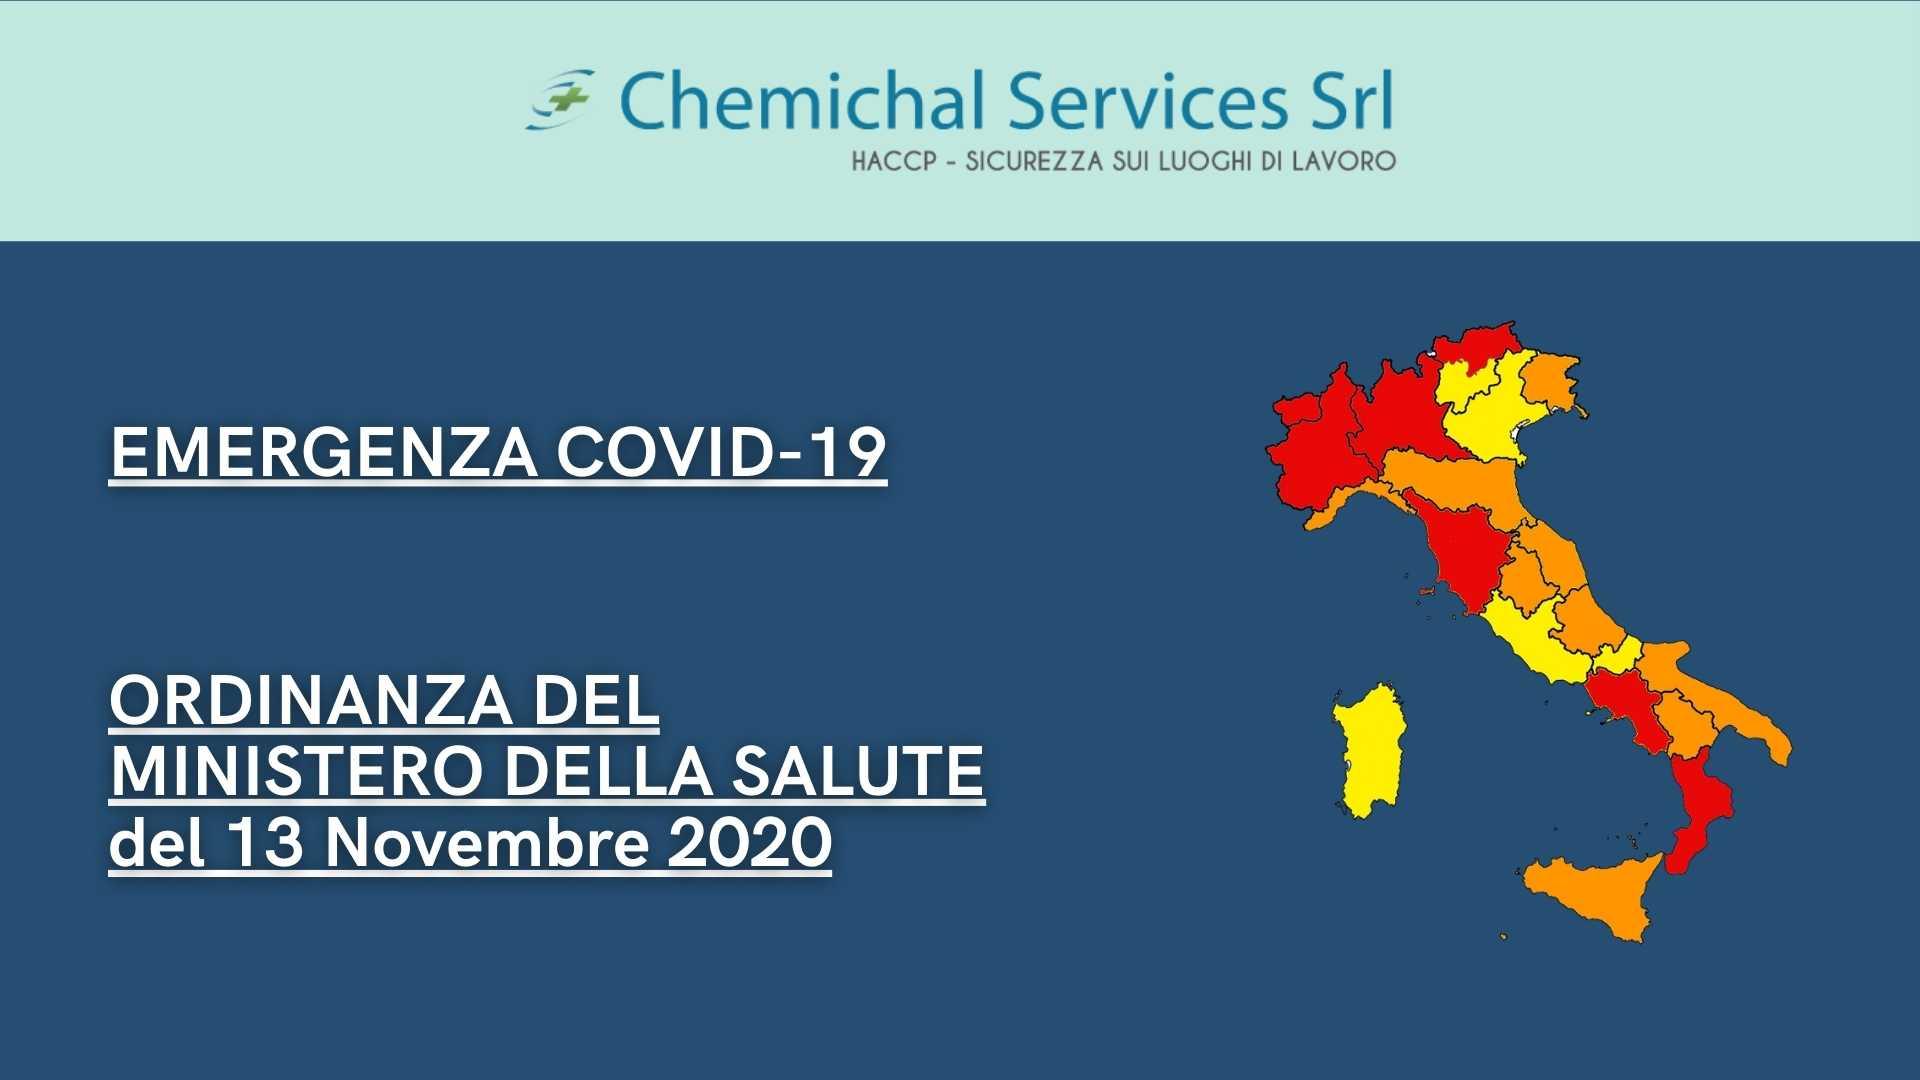 Emergenza COVID-19 | Ordinanza del Ministero della Salute